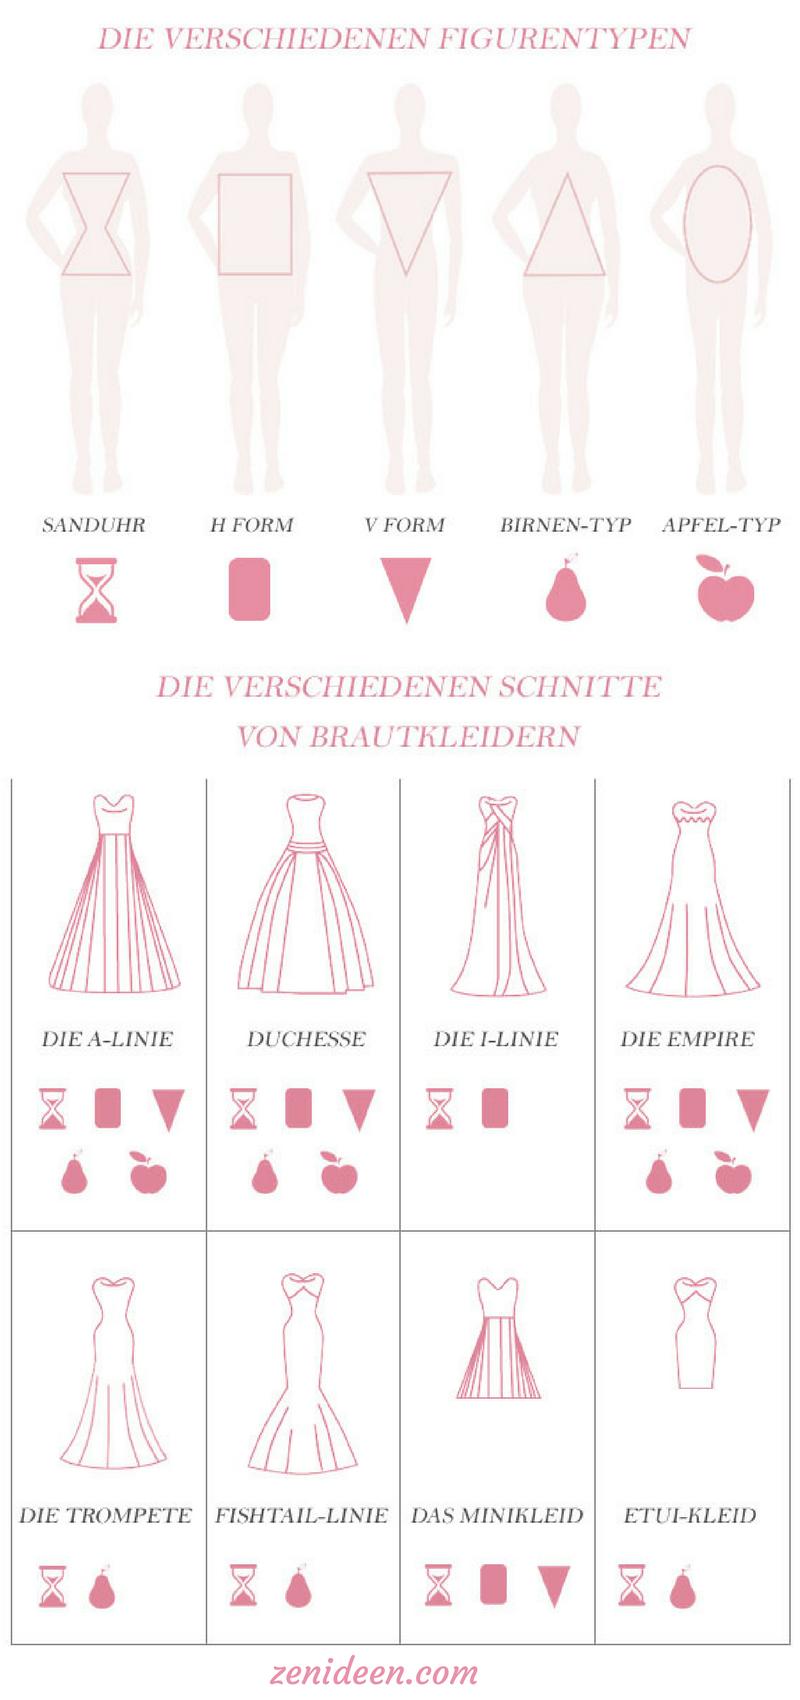 Brautkleid Schnittformen - So passt das Hochzeitskleid auf Anhieb!